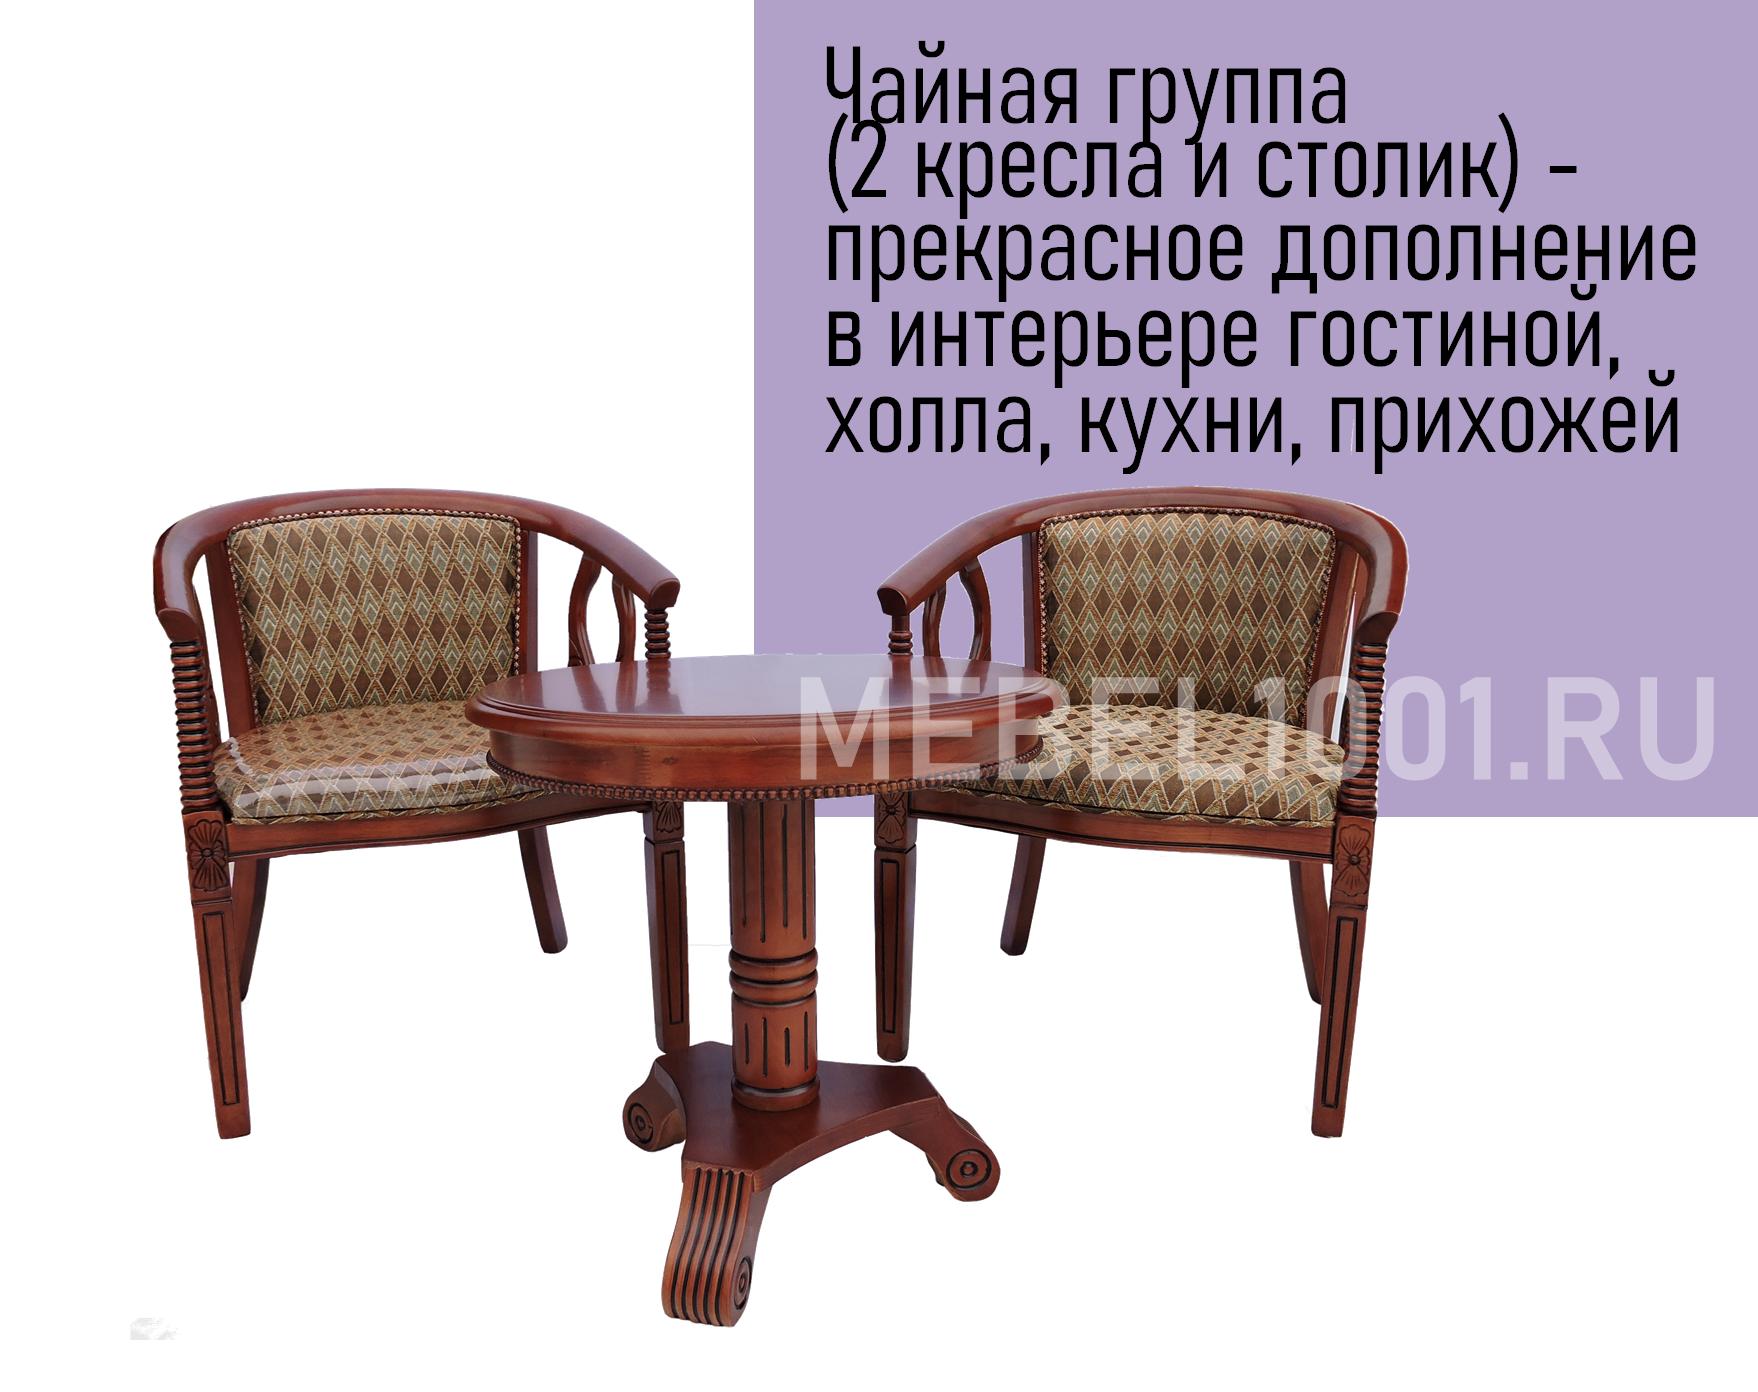 Чайные кресла с подлокотниками В-5, чайный столик. Чайная группа